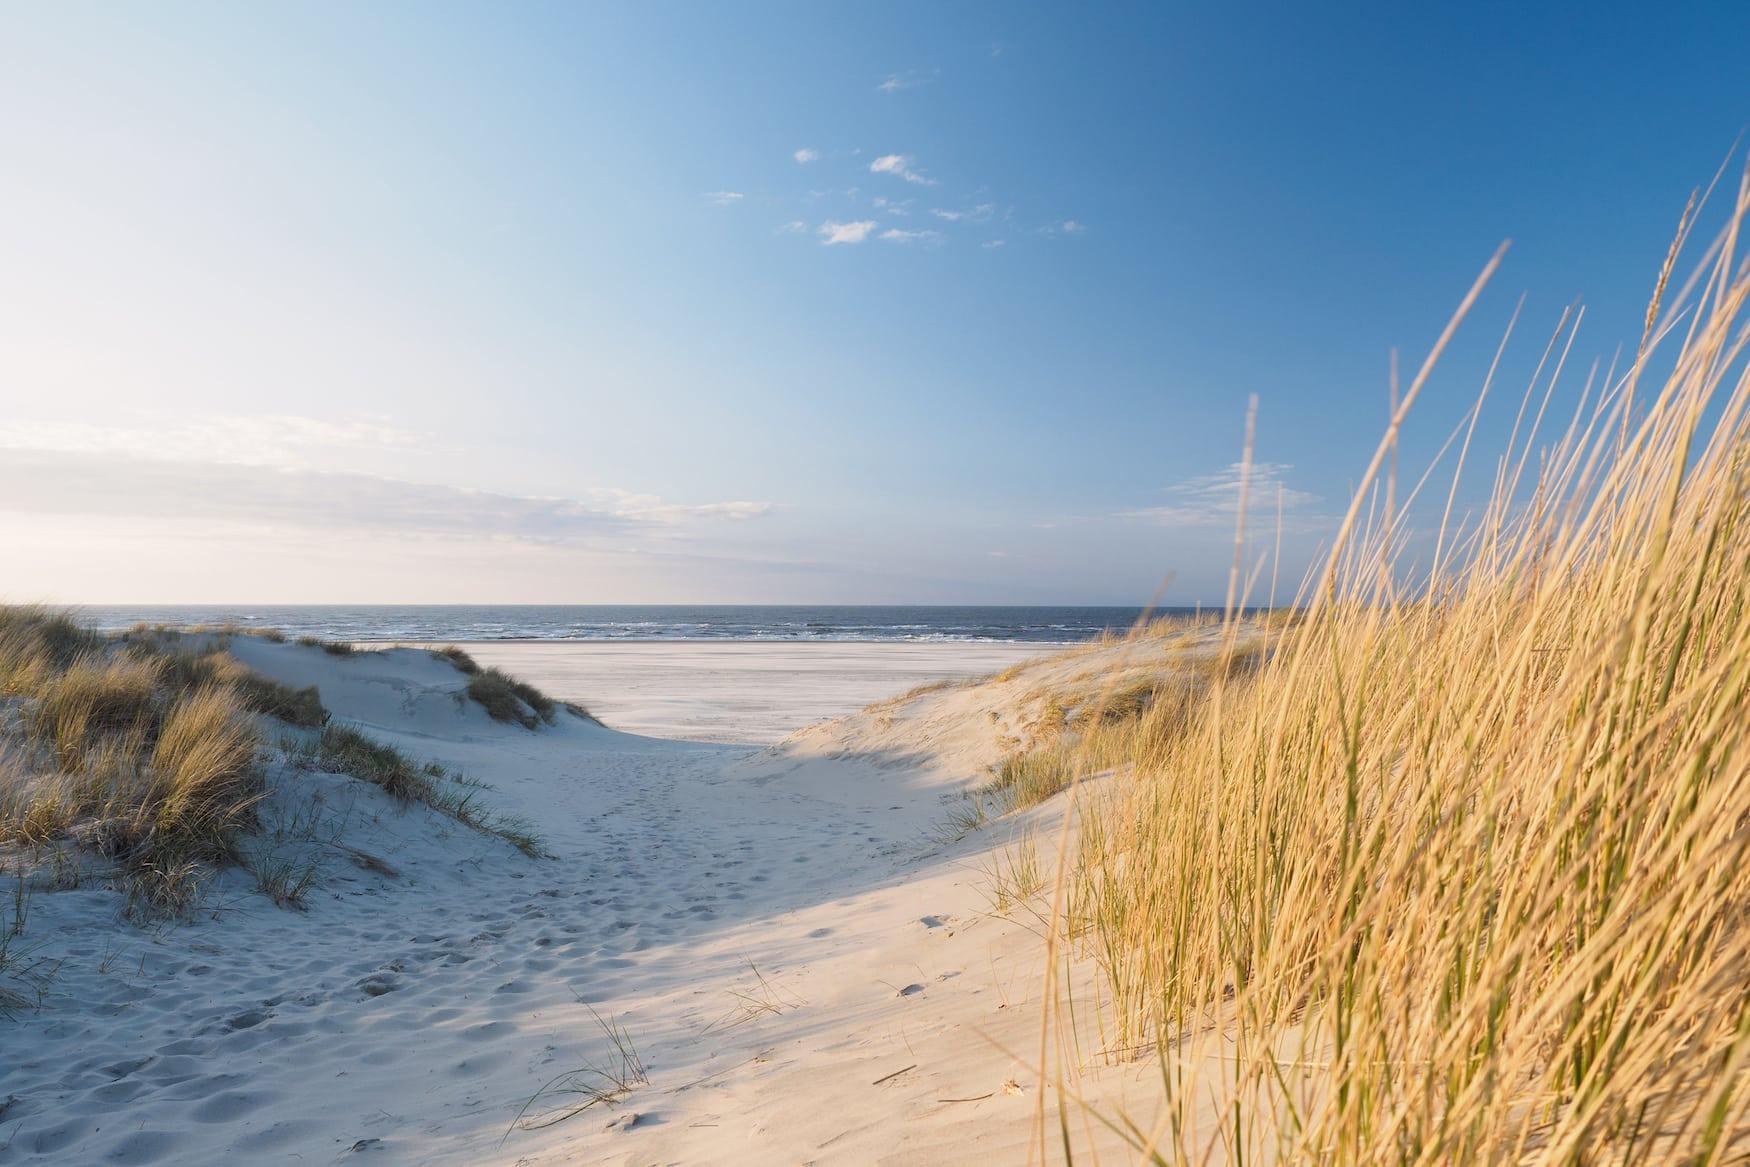 Dünen an einem der besten Strände in Deutschland an der Nordsee